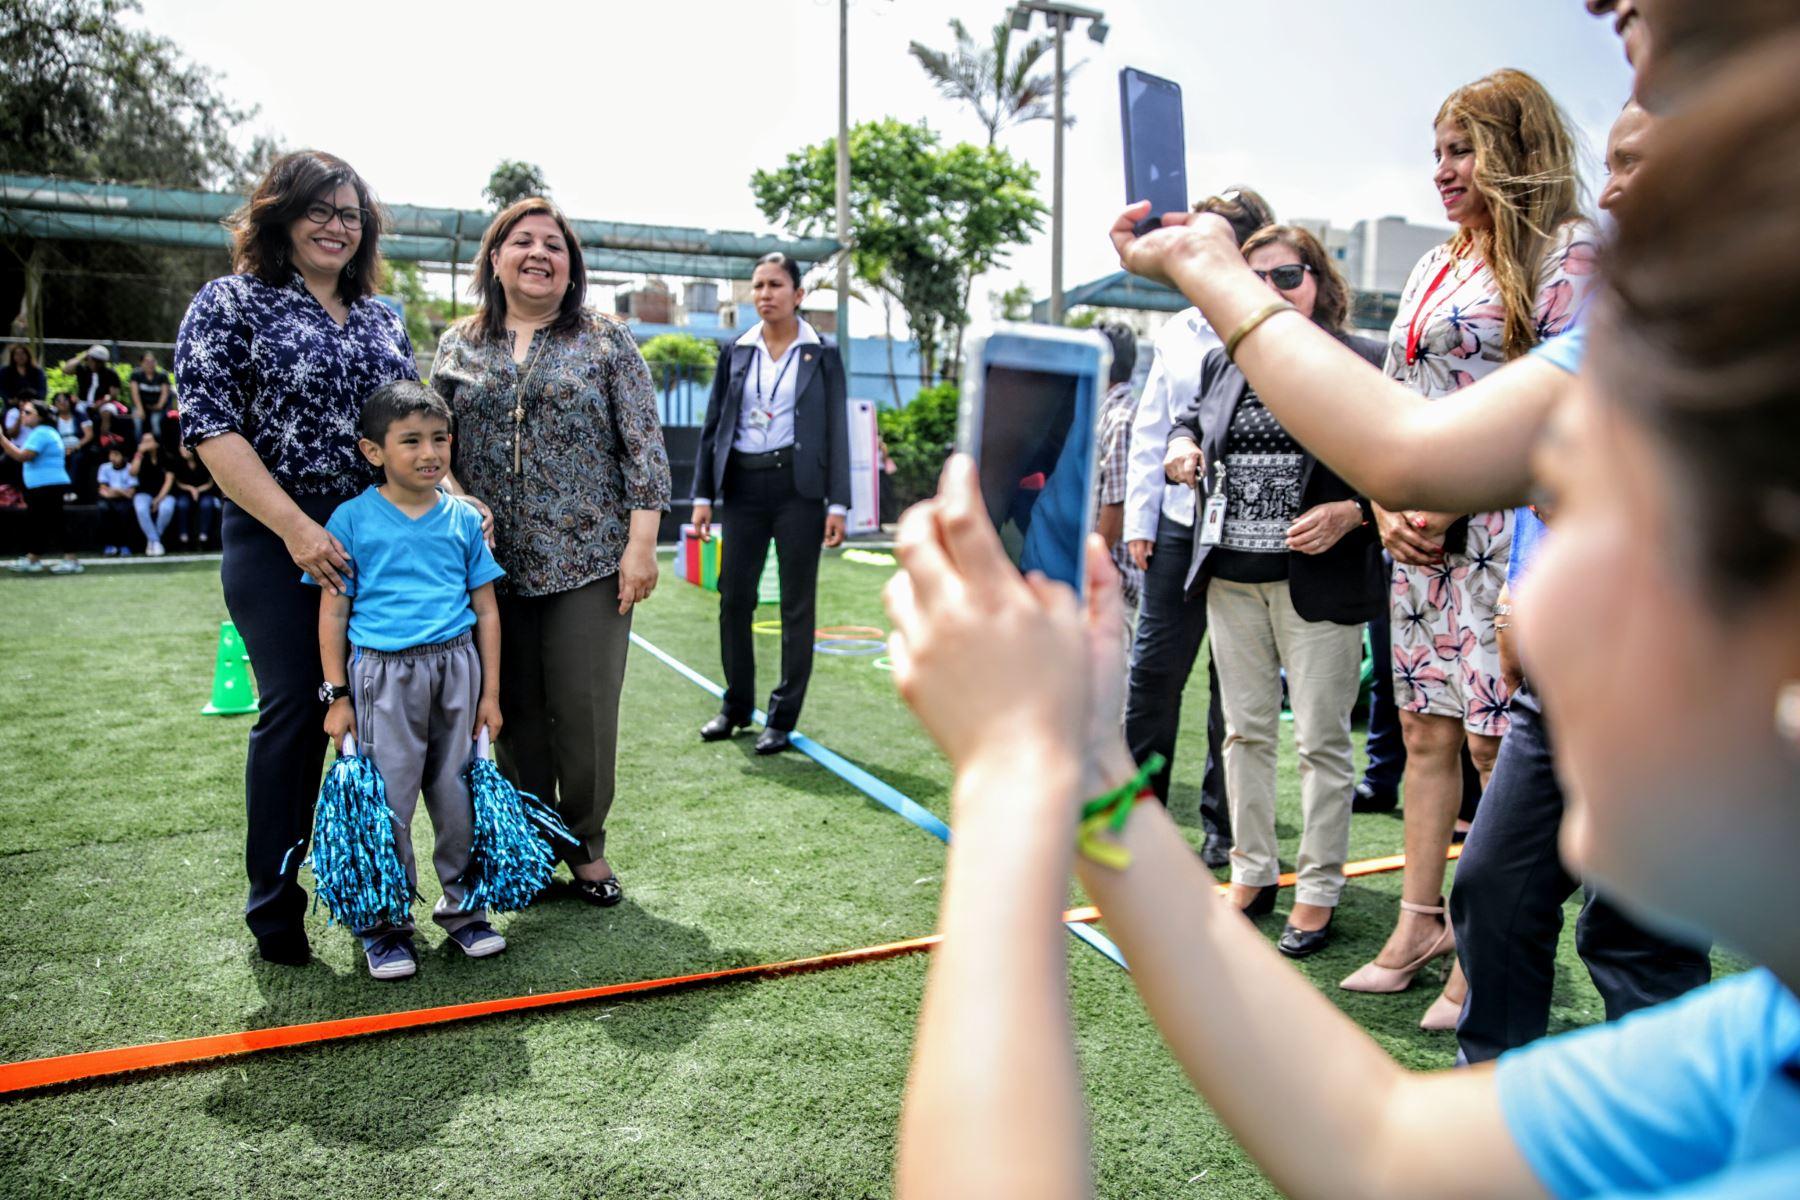 Primera Dama de la Nación, Maribel Díaz Cabello, asiste a la exhibición de destrezas de los integrantes de las Olimpiadas Especiales. Foto: ANDINA/Luis Iparraguirre